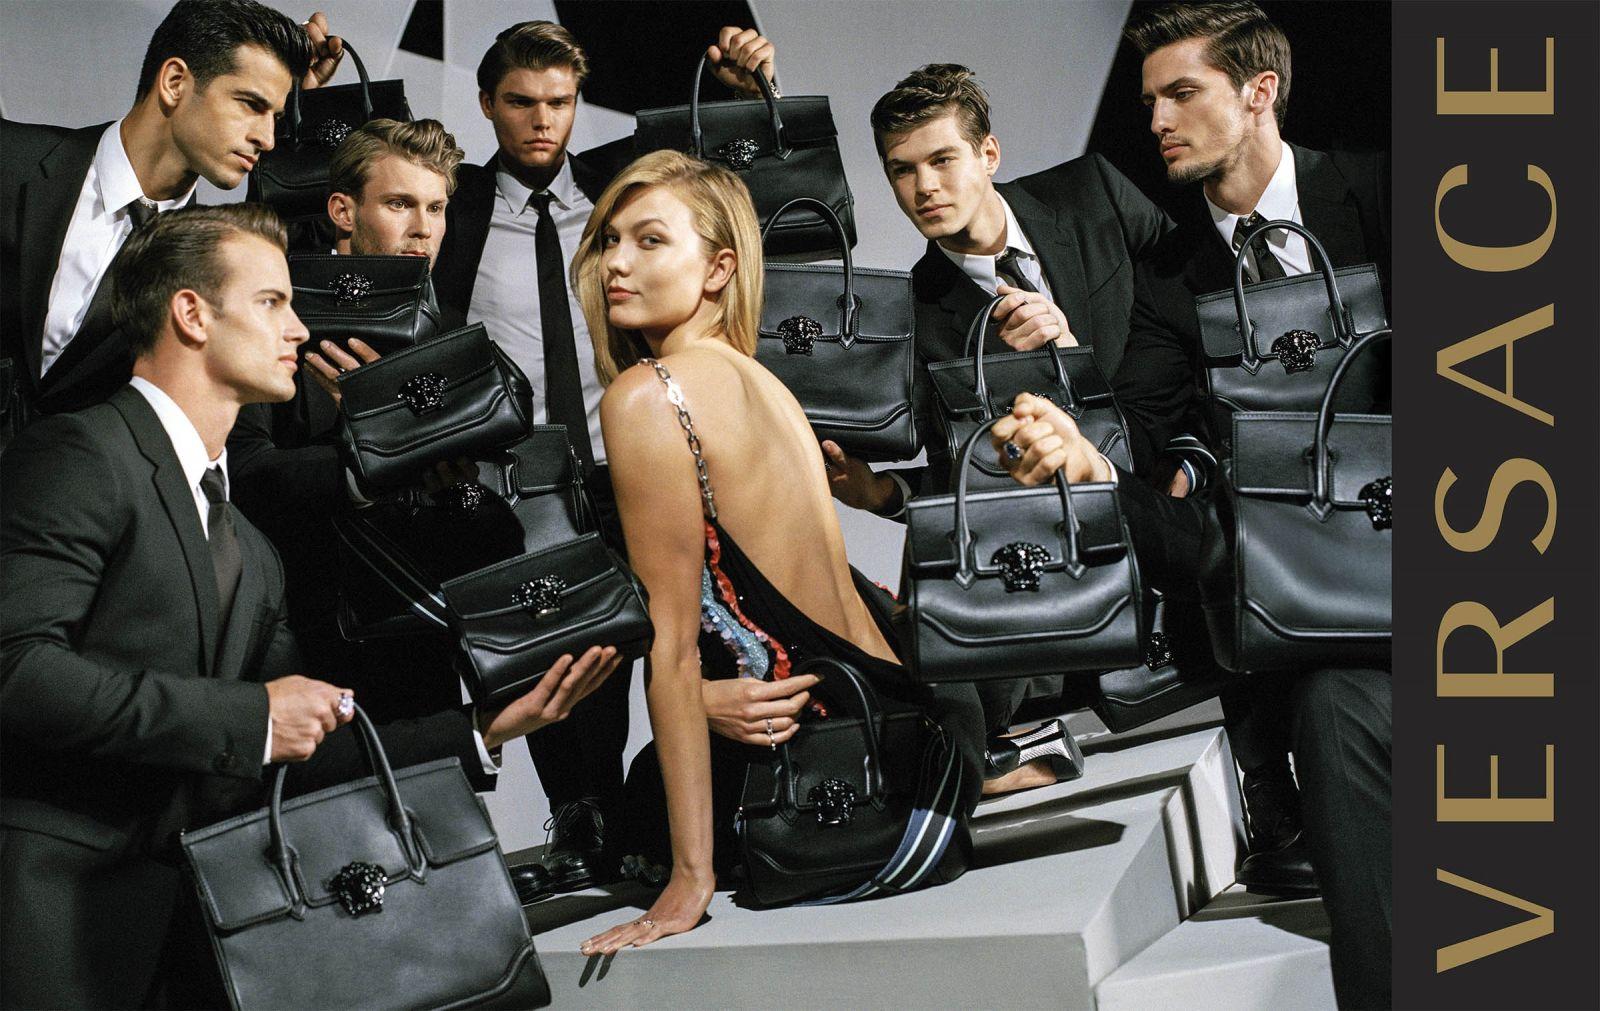 Джиджи Хадид и Карли Клосс снялись в изысканной рекламе Versace (ФОТО)